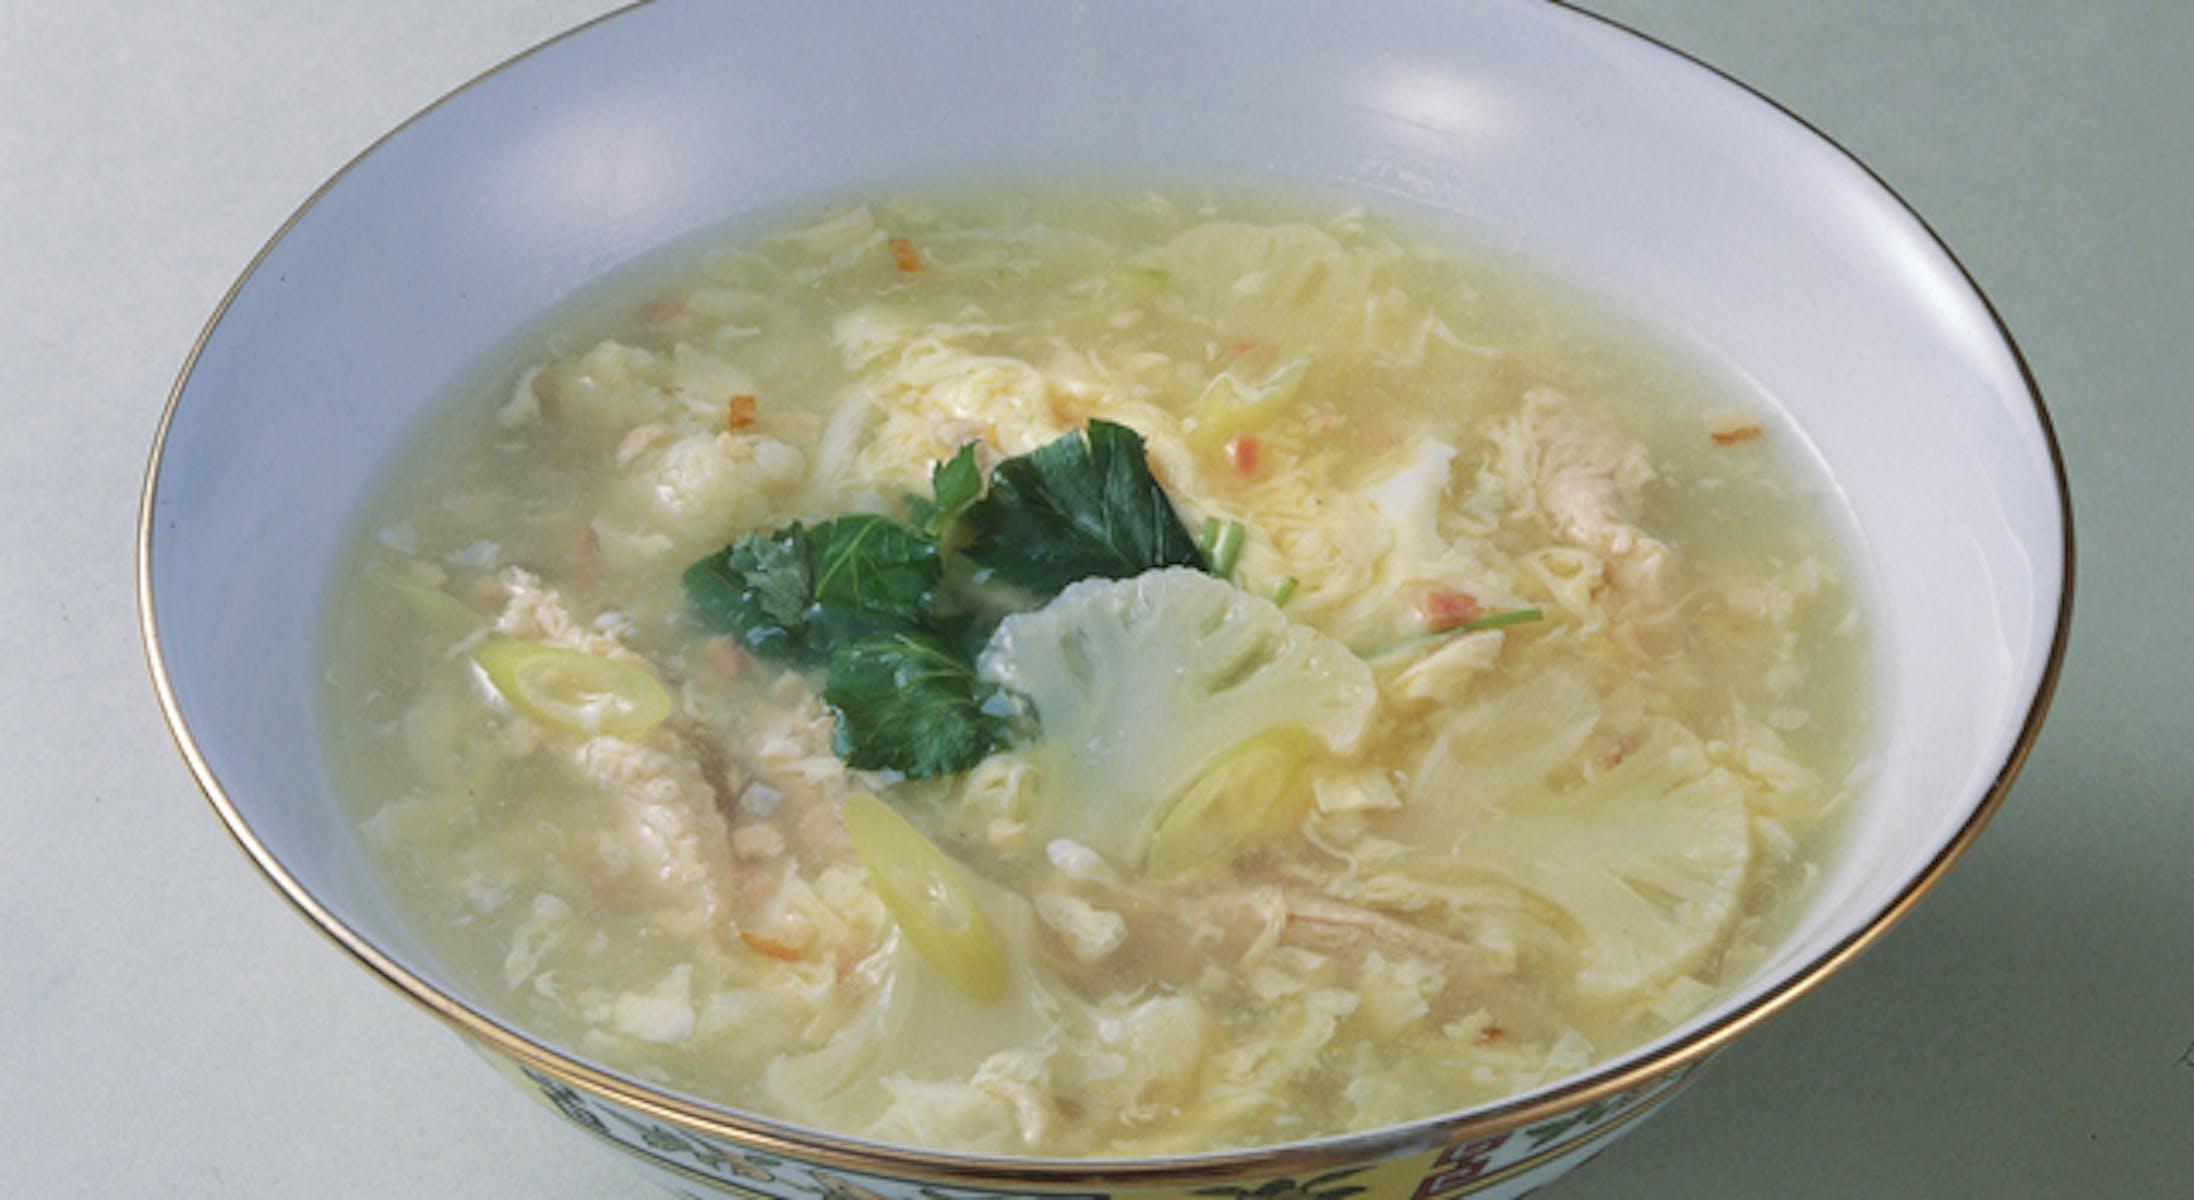 カリフラワーと鶏のスープ